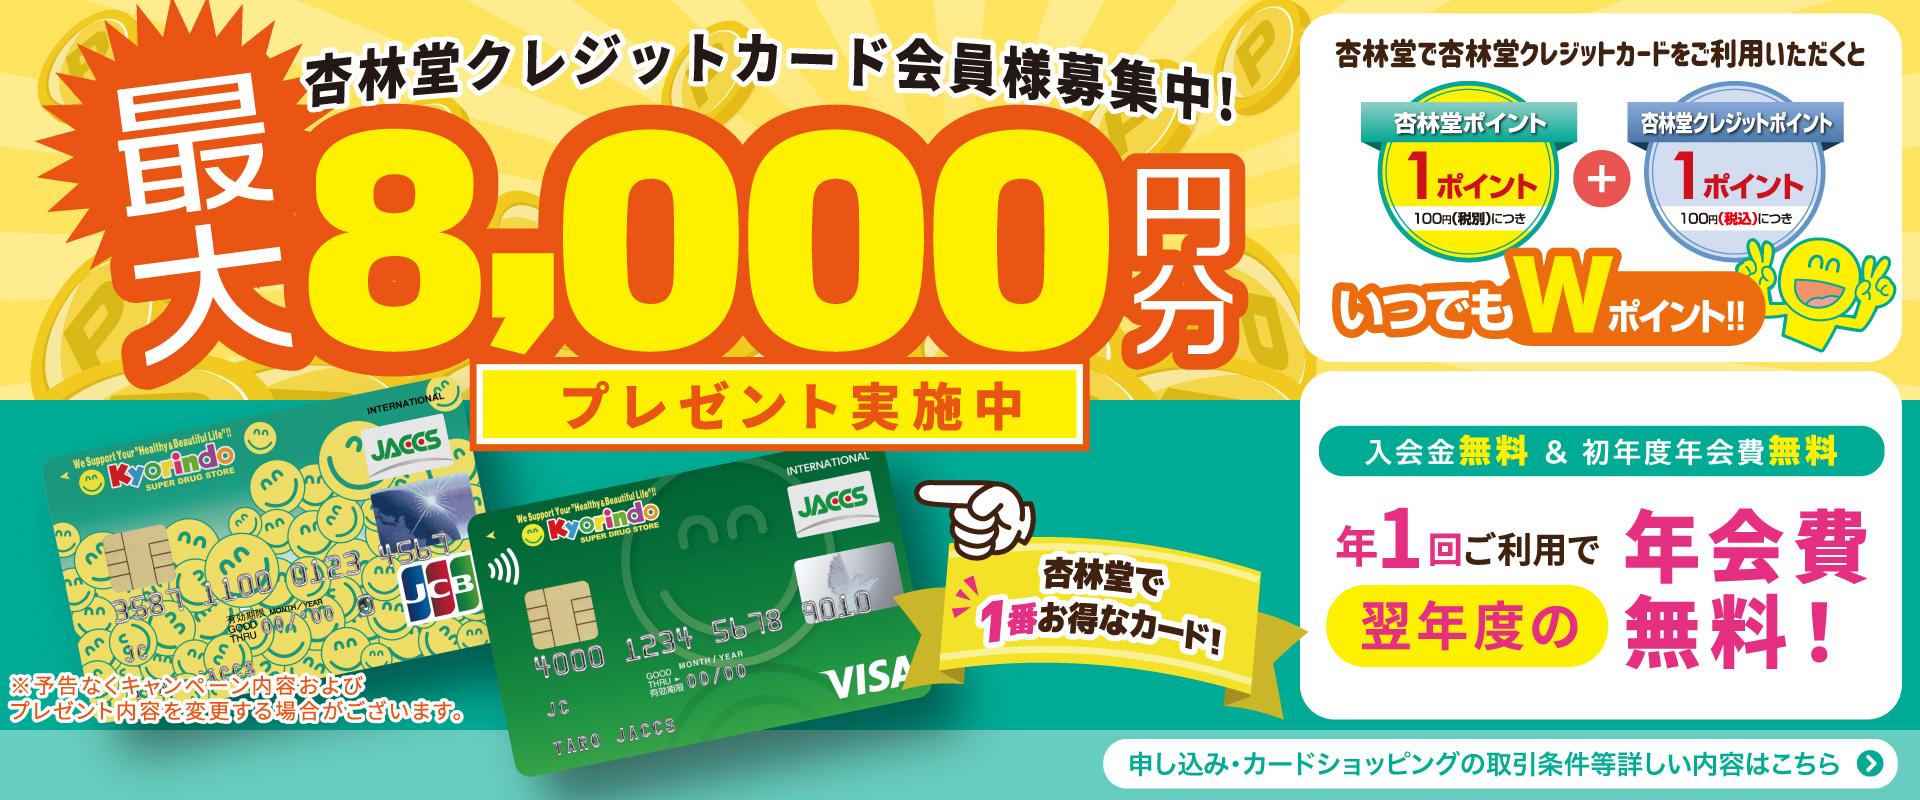 杏林堂クレジット会員募集最大8,000円分プレゼント